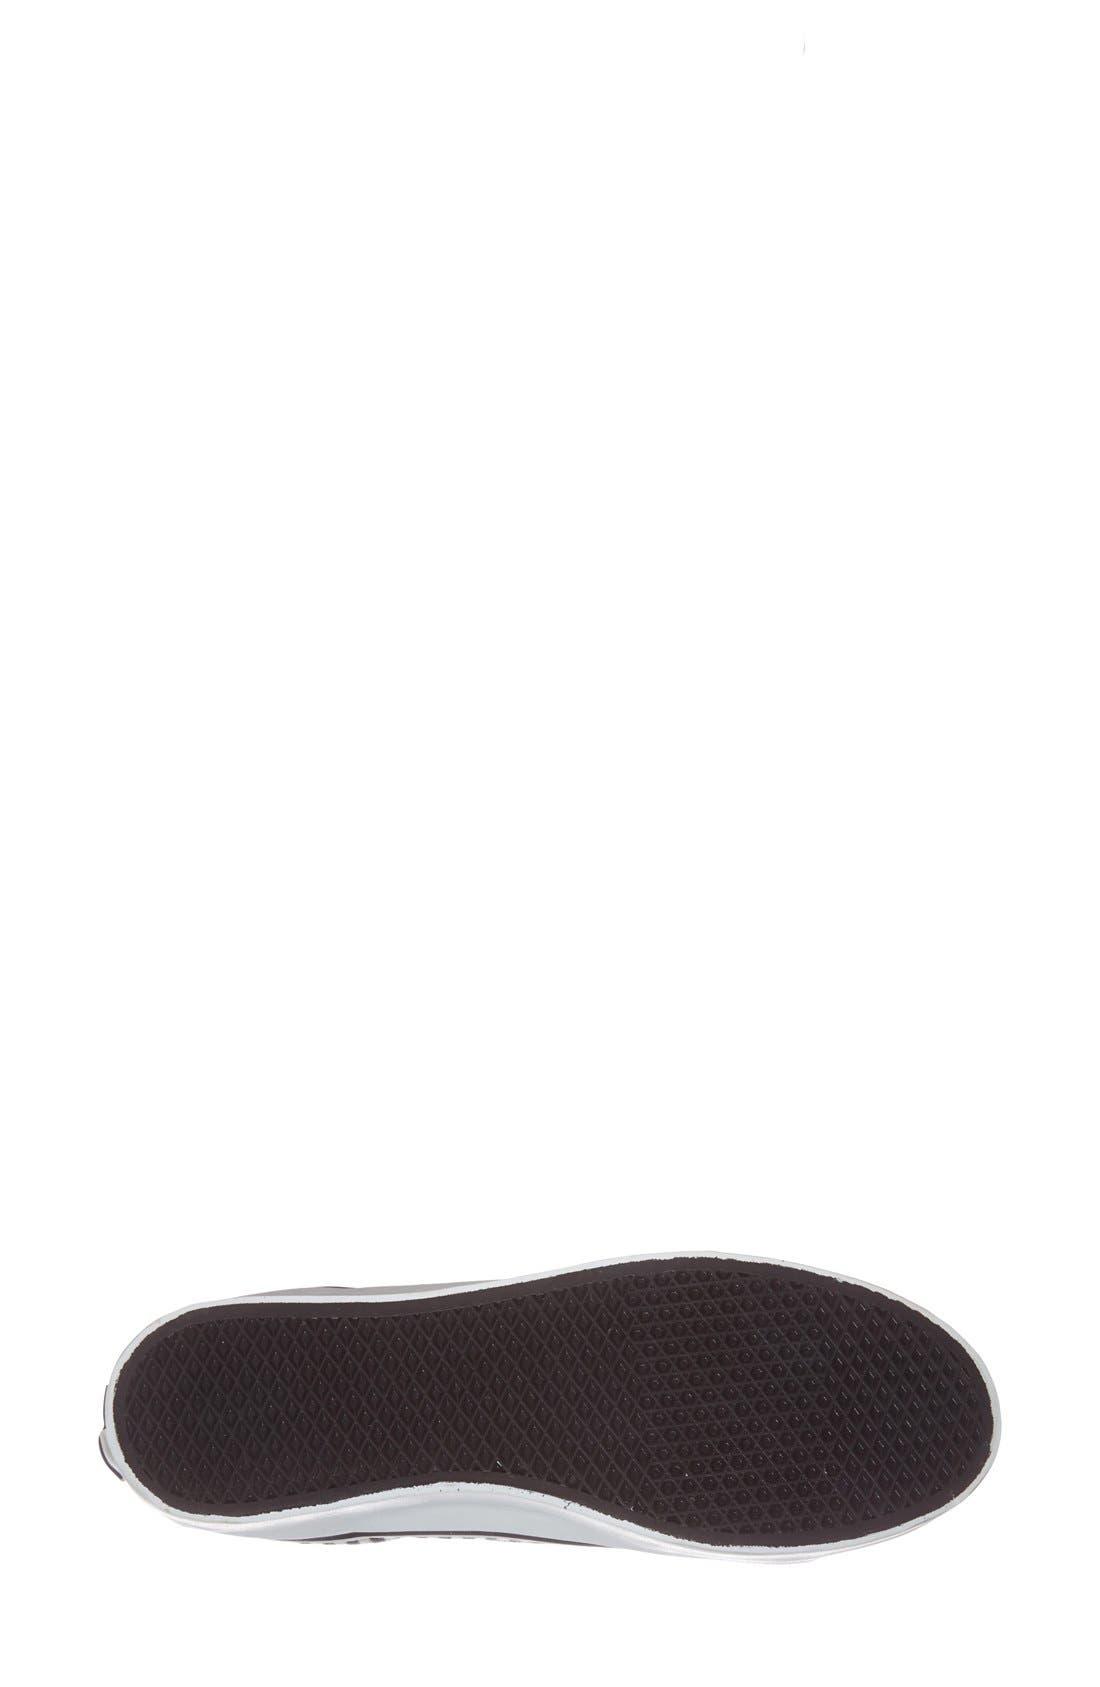 Alternate Image 4  - Vans 'Hickory Stripes Sk8-Hi Platform' Sneaker (Women)